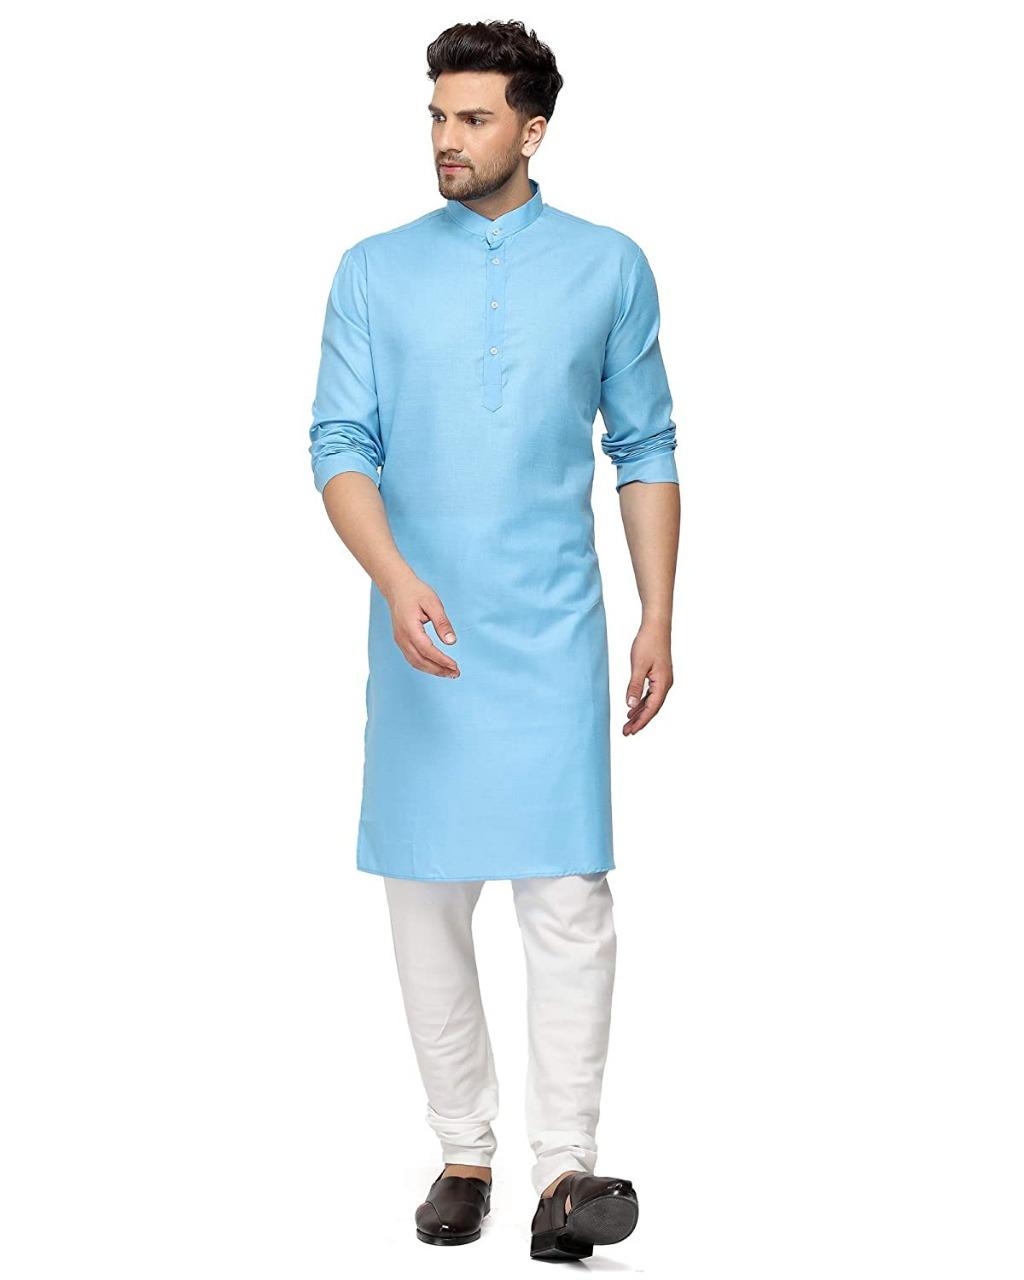 men's kurta 6 colors